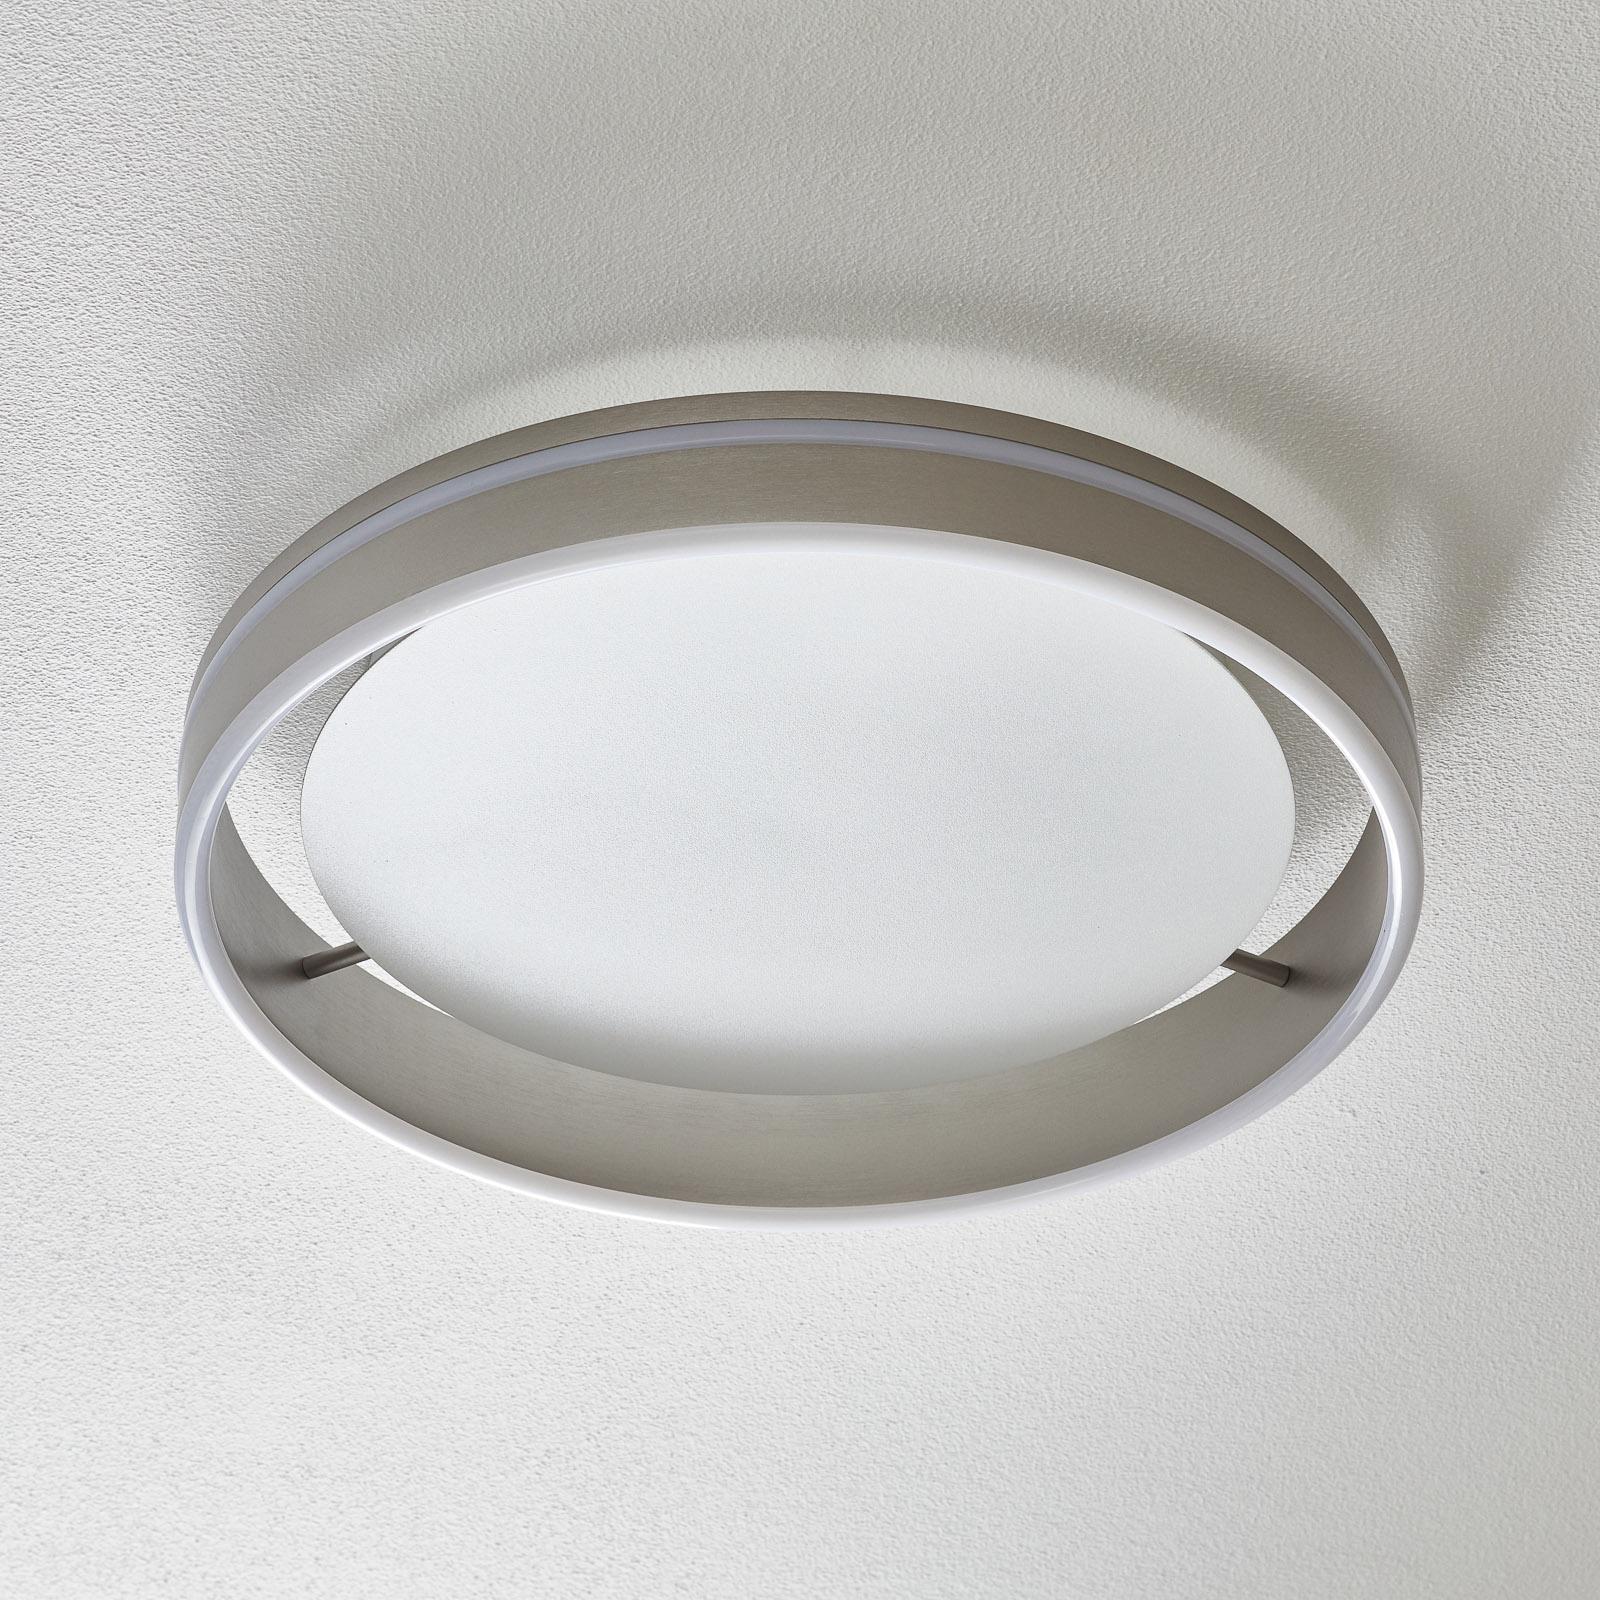 Q-SMART-HOME 8414-55 SmartHome stropní svítidla